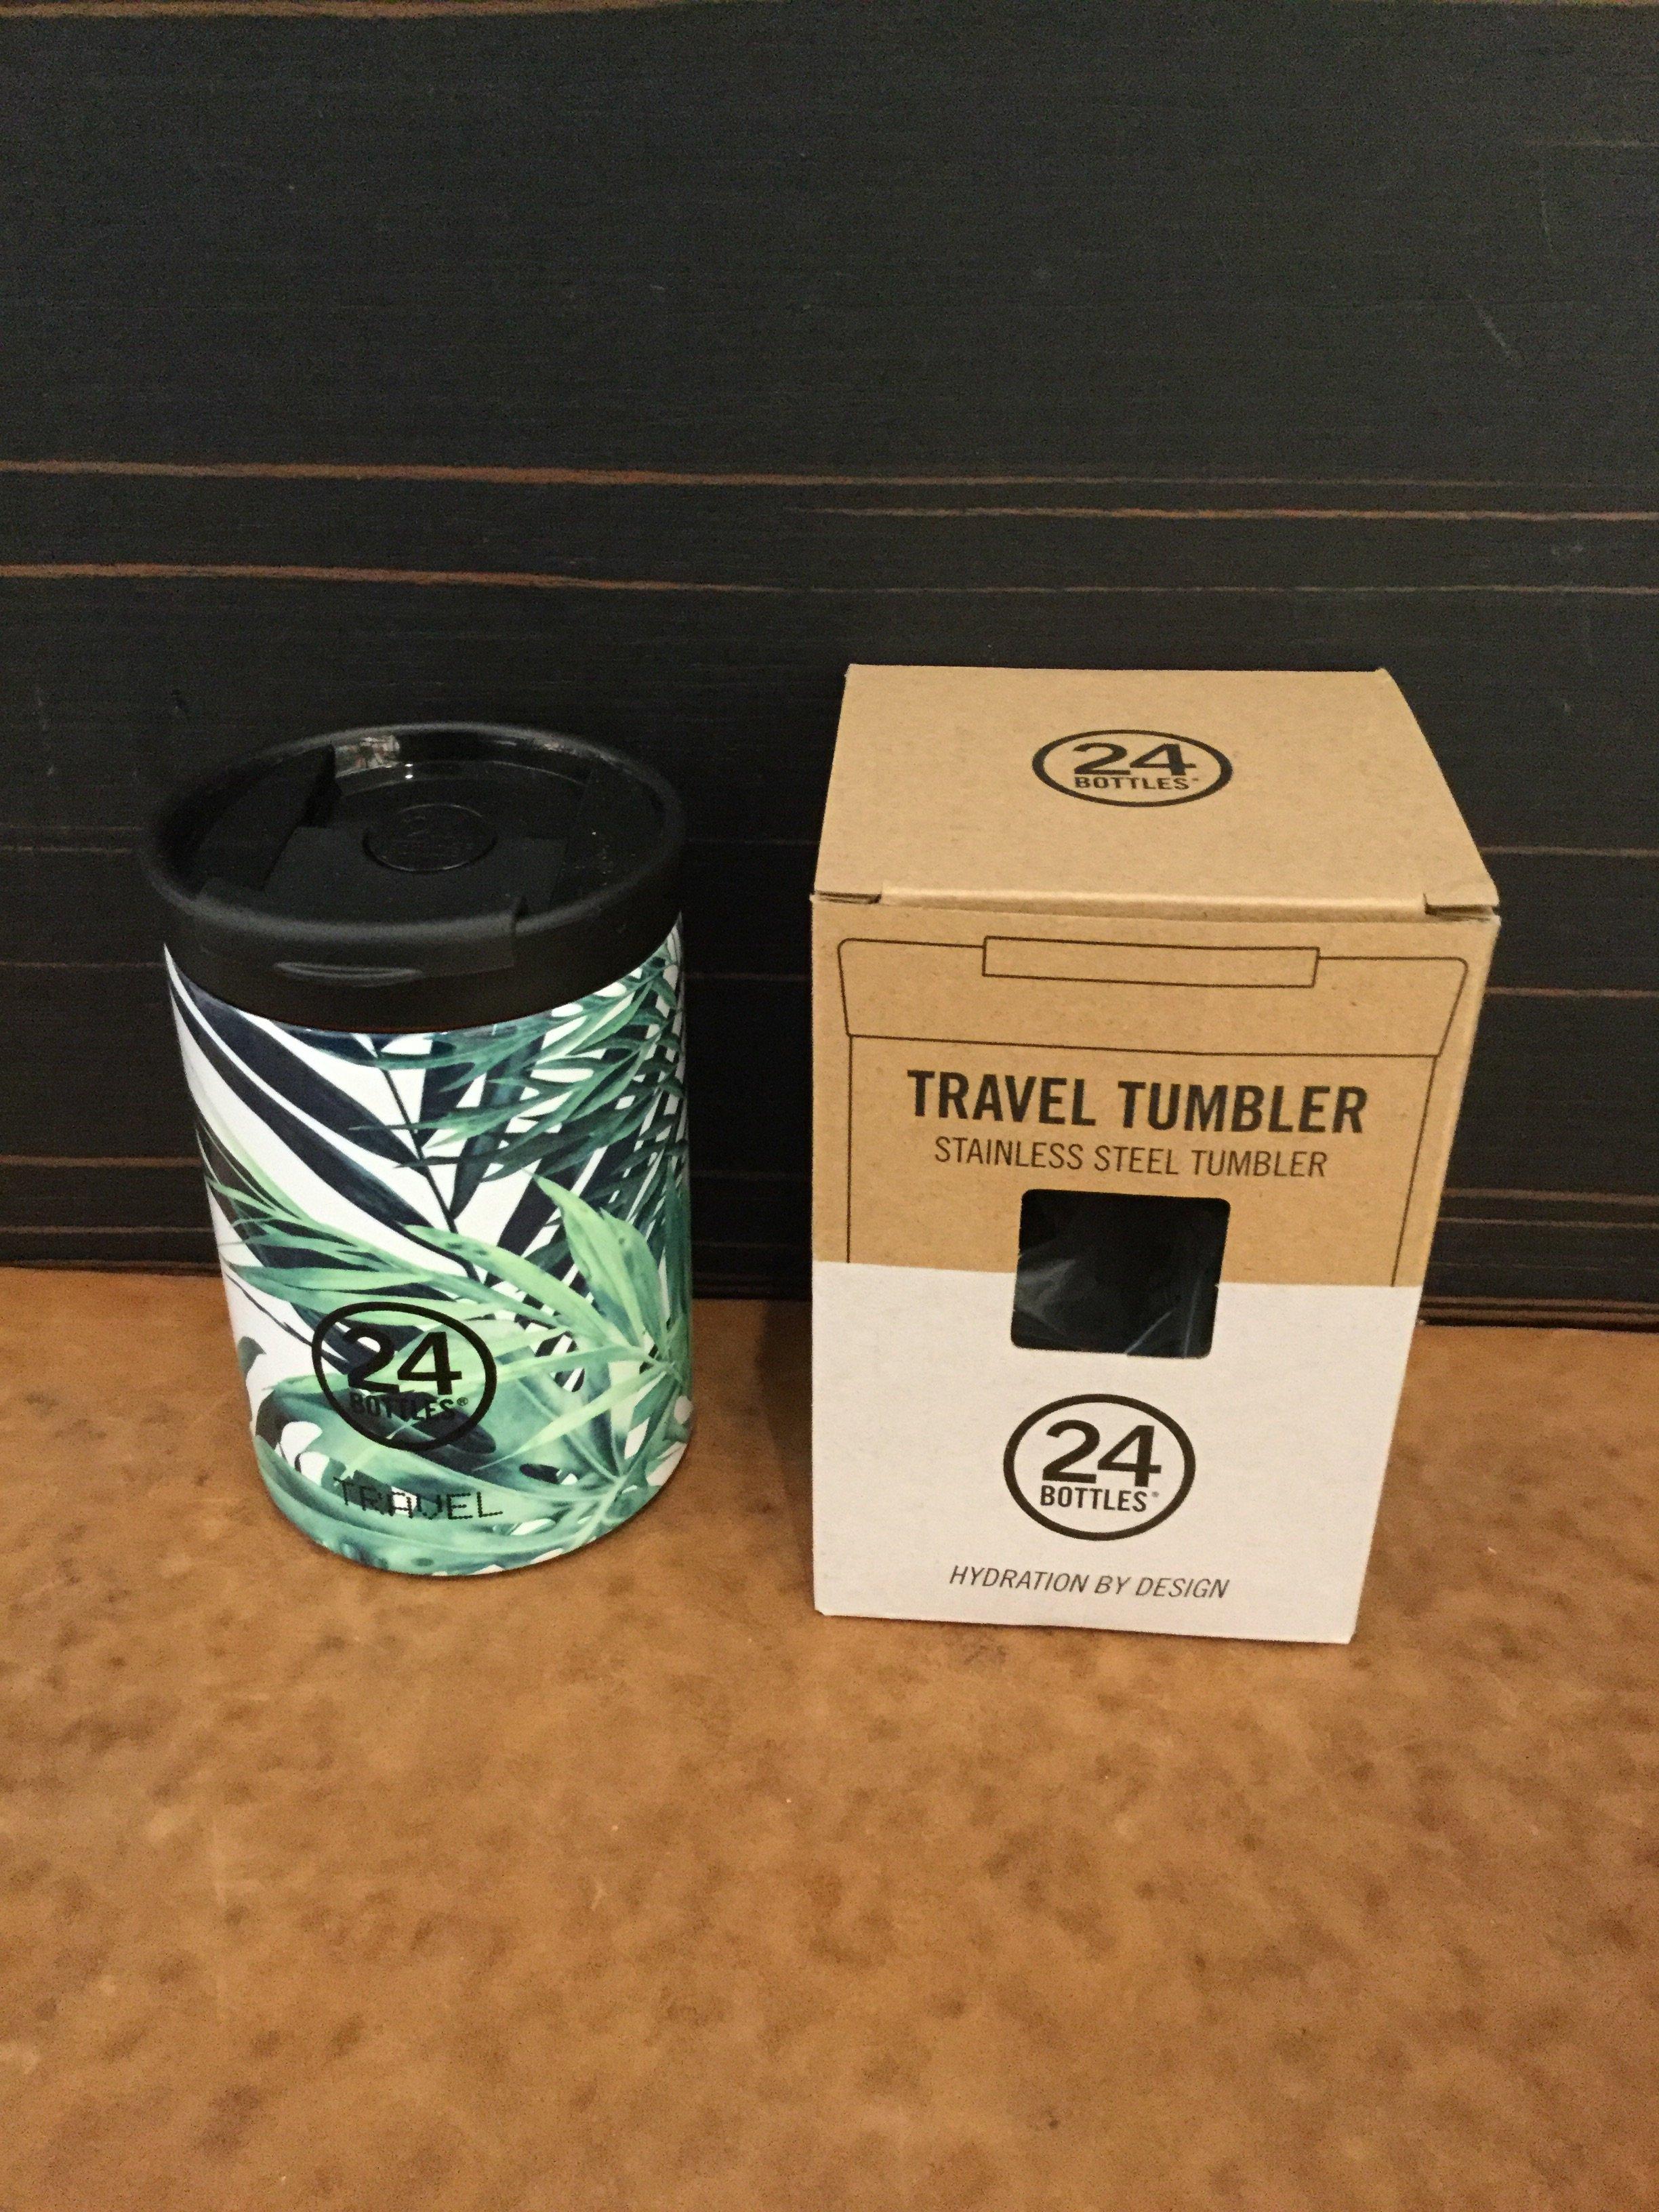 24 bottles travel